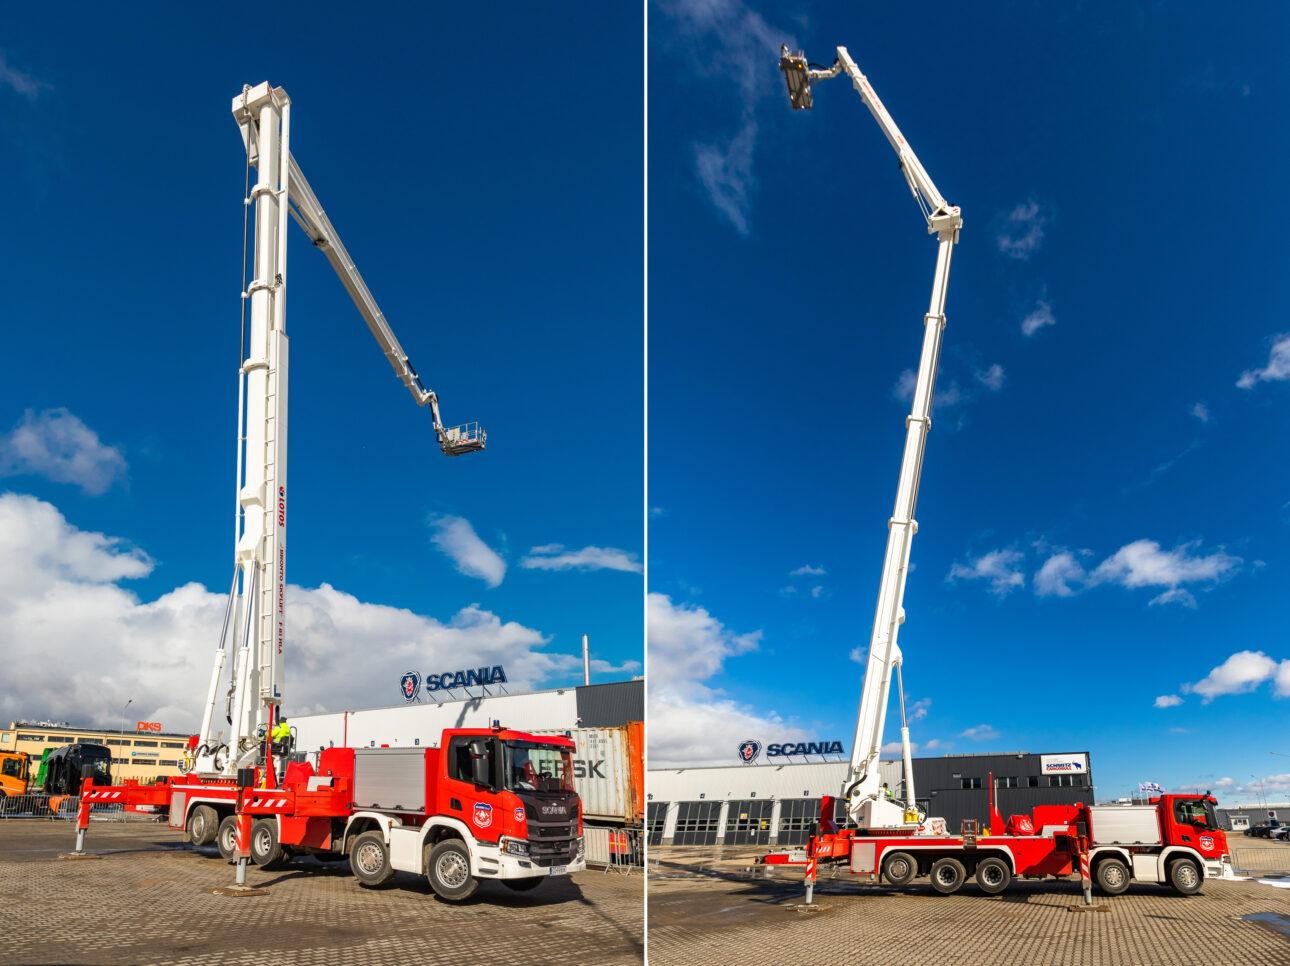 Najwyższy podnośnik w Europie na podwoziu Scania_1